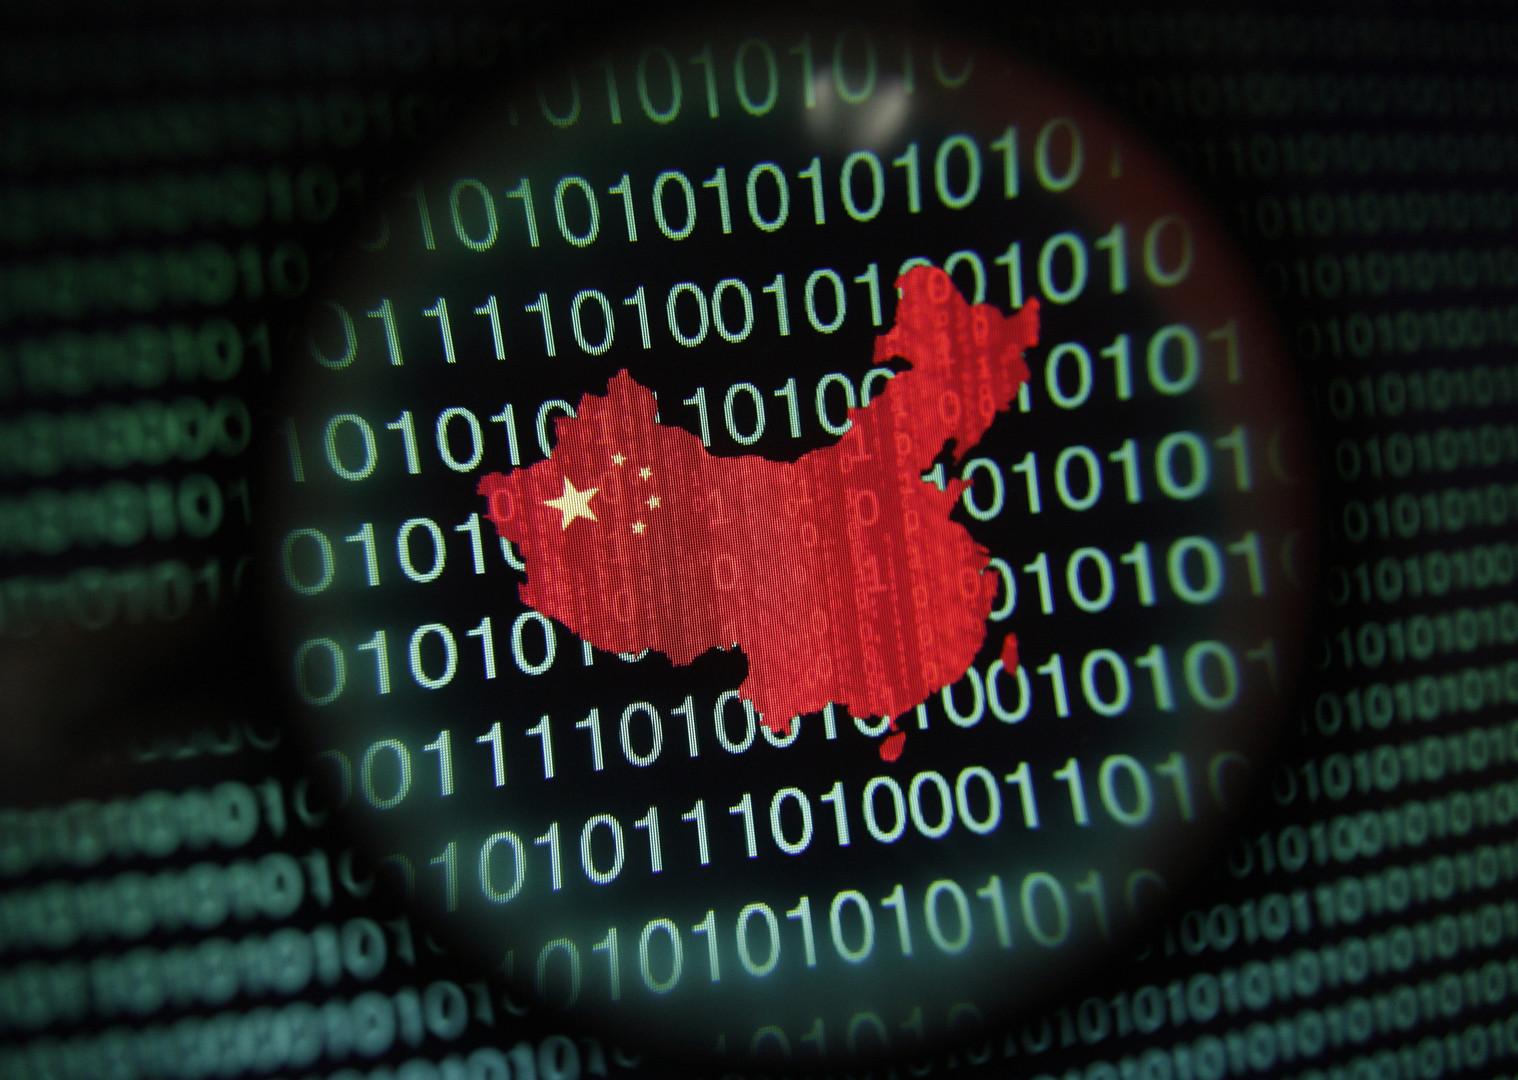 صحيفة أمريكية: الصين وروسيا تتبادلان المعلومات المقرصنة لتحديد جواسيس الولايات المتحدة